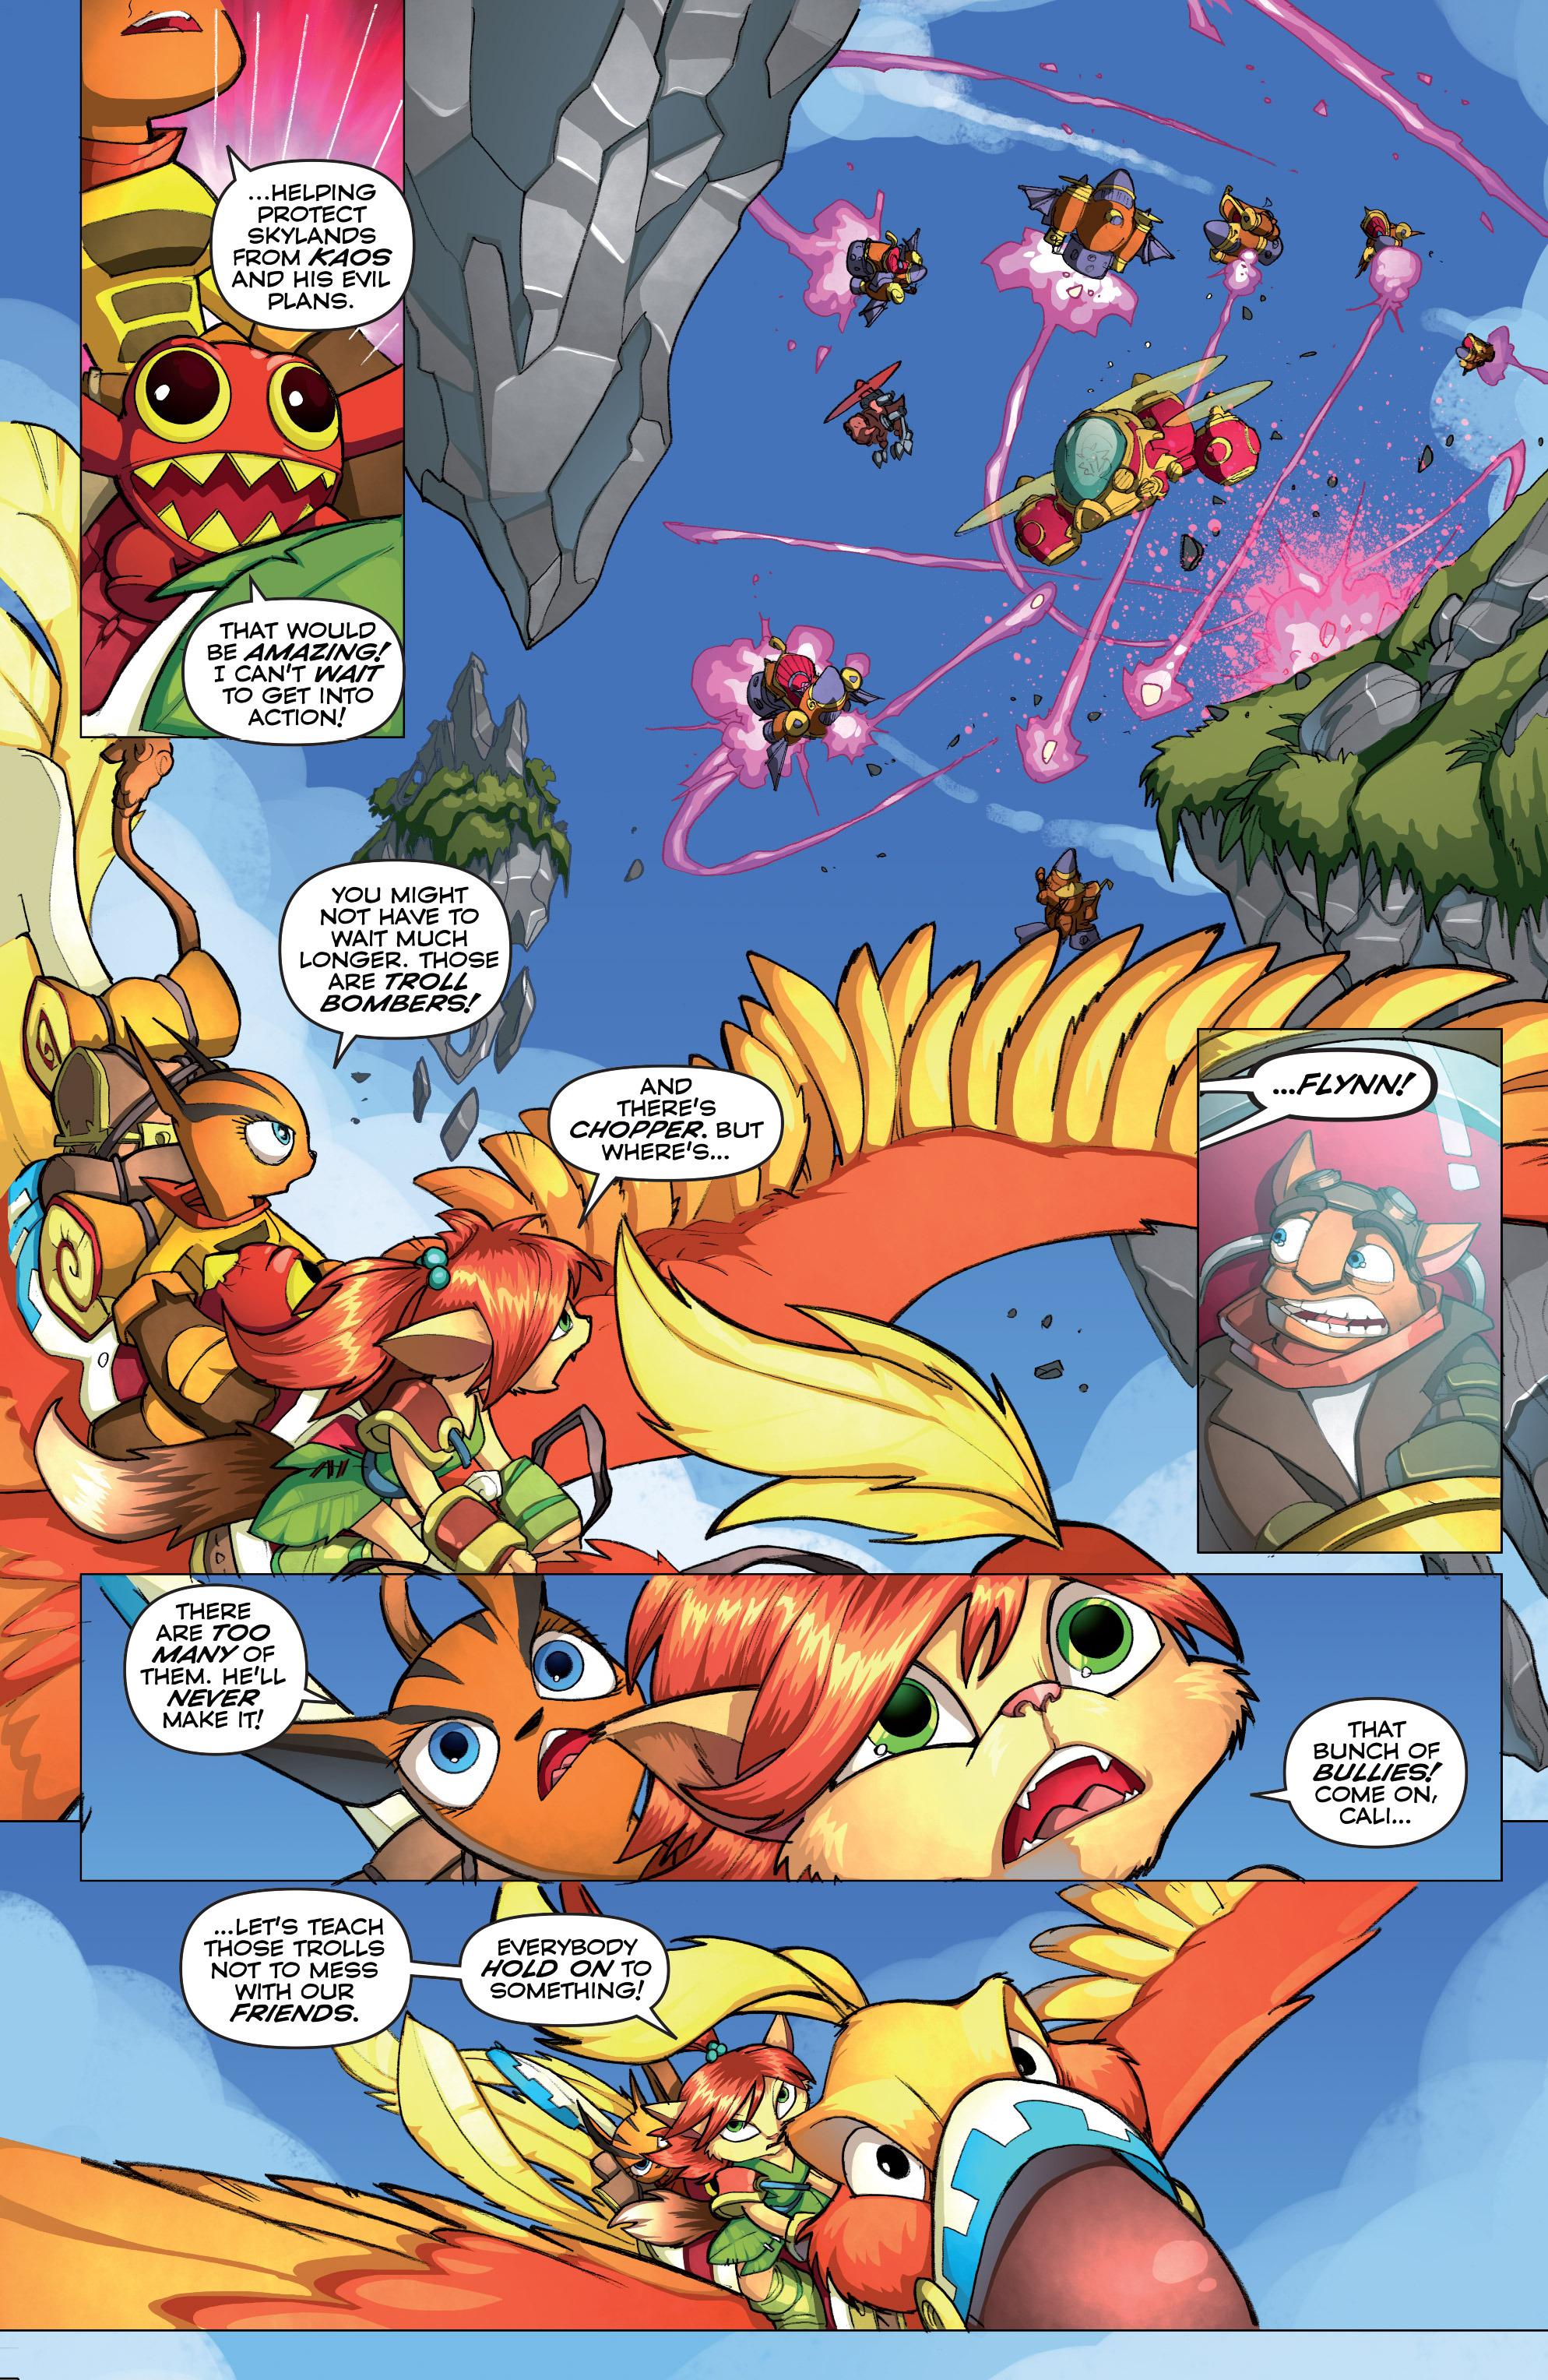 Read online Skylanders comic -  Issue #2 - 13